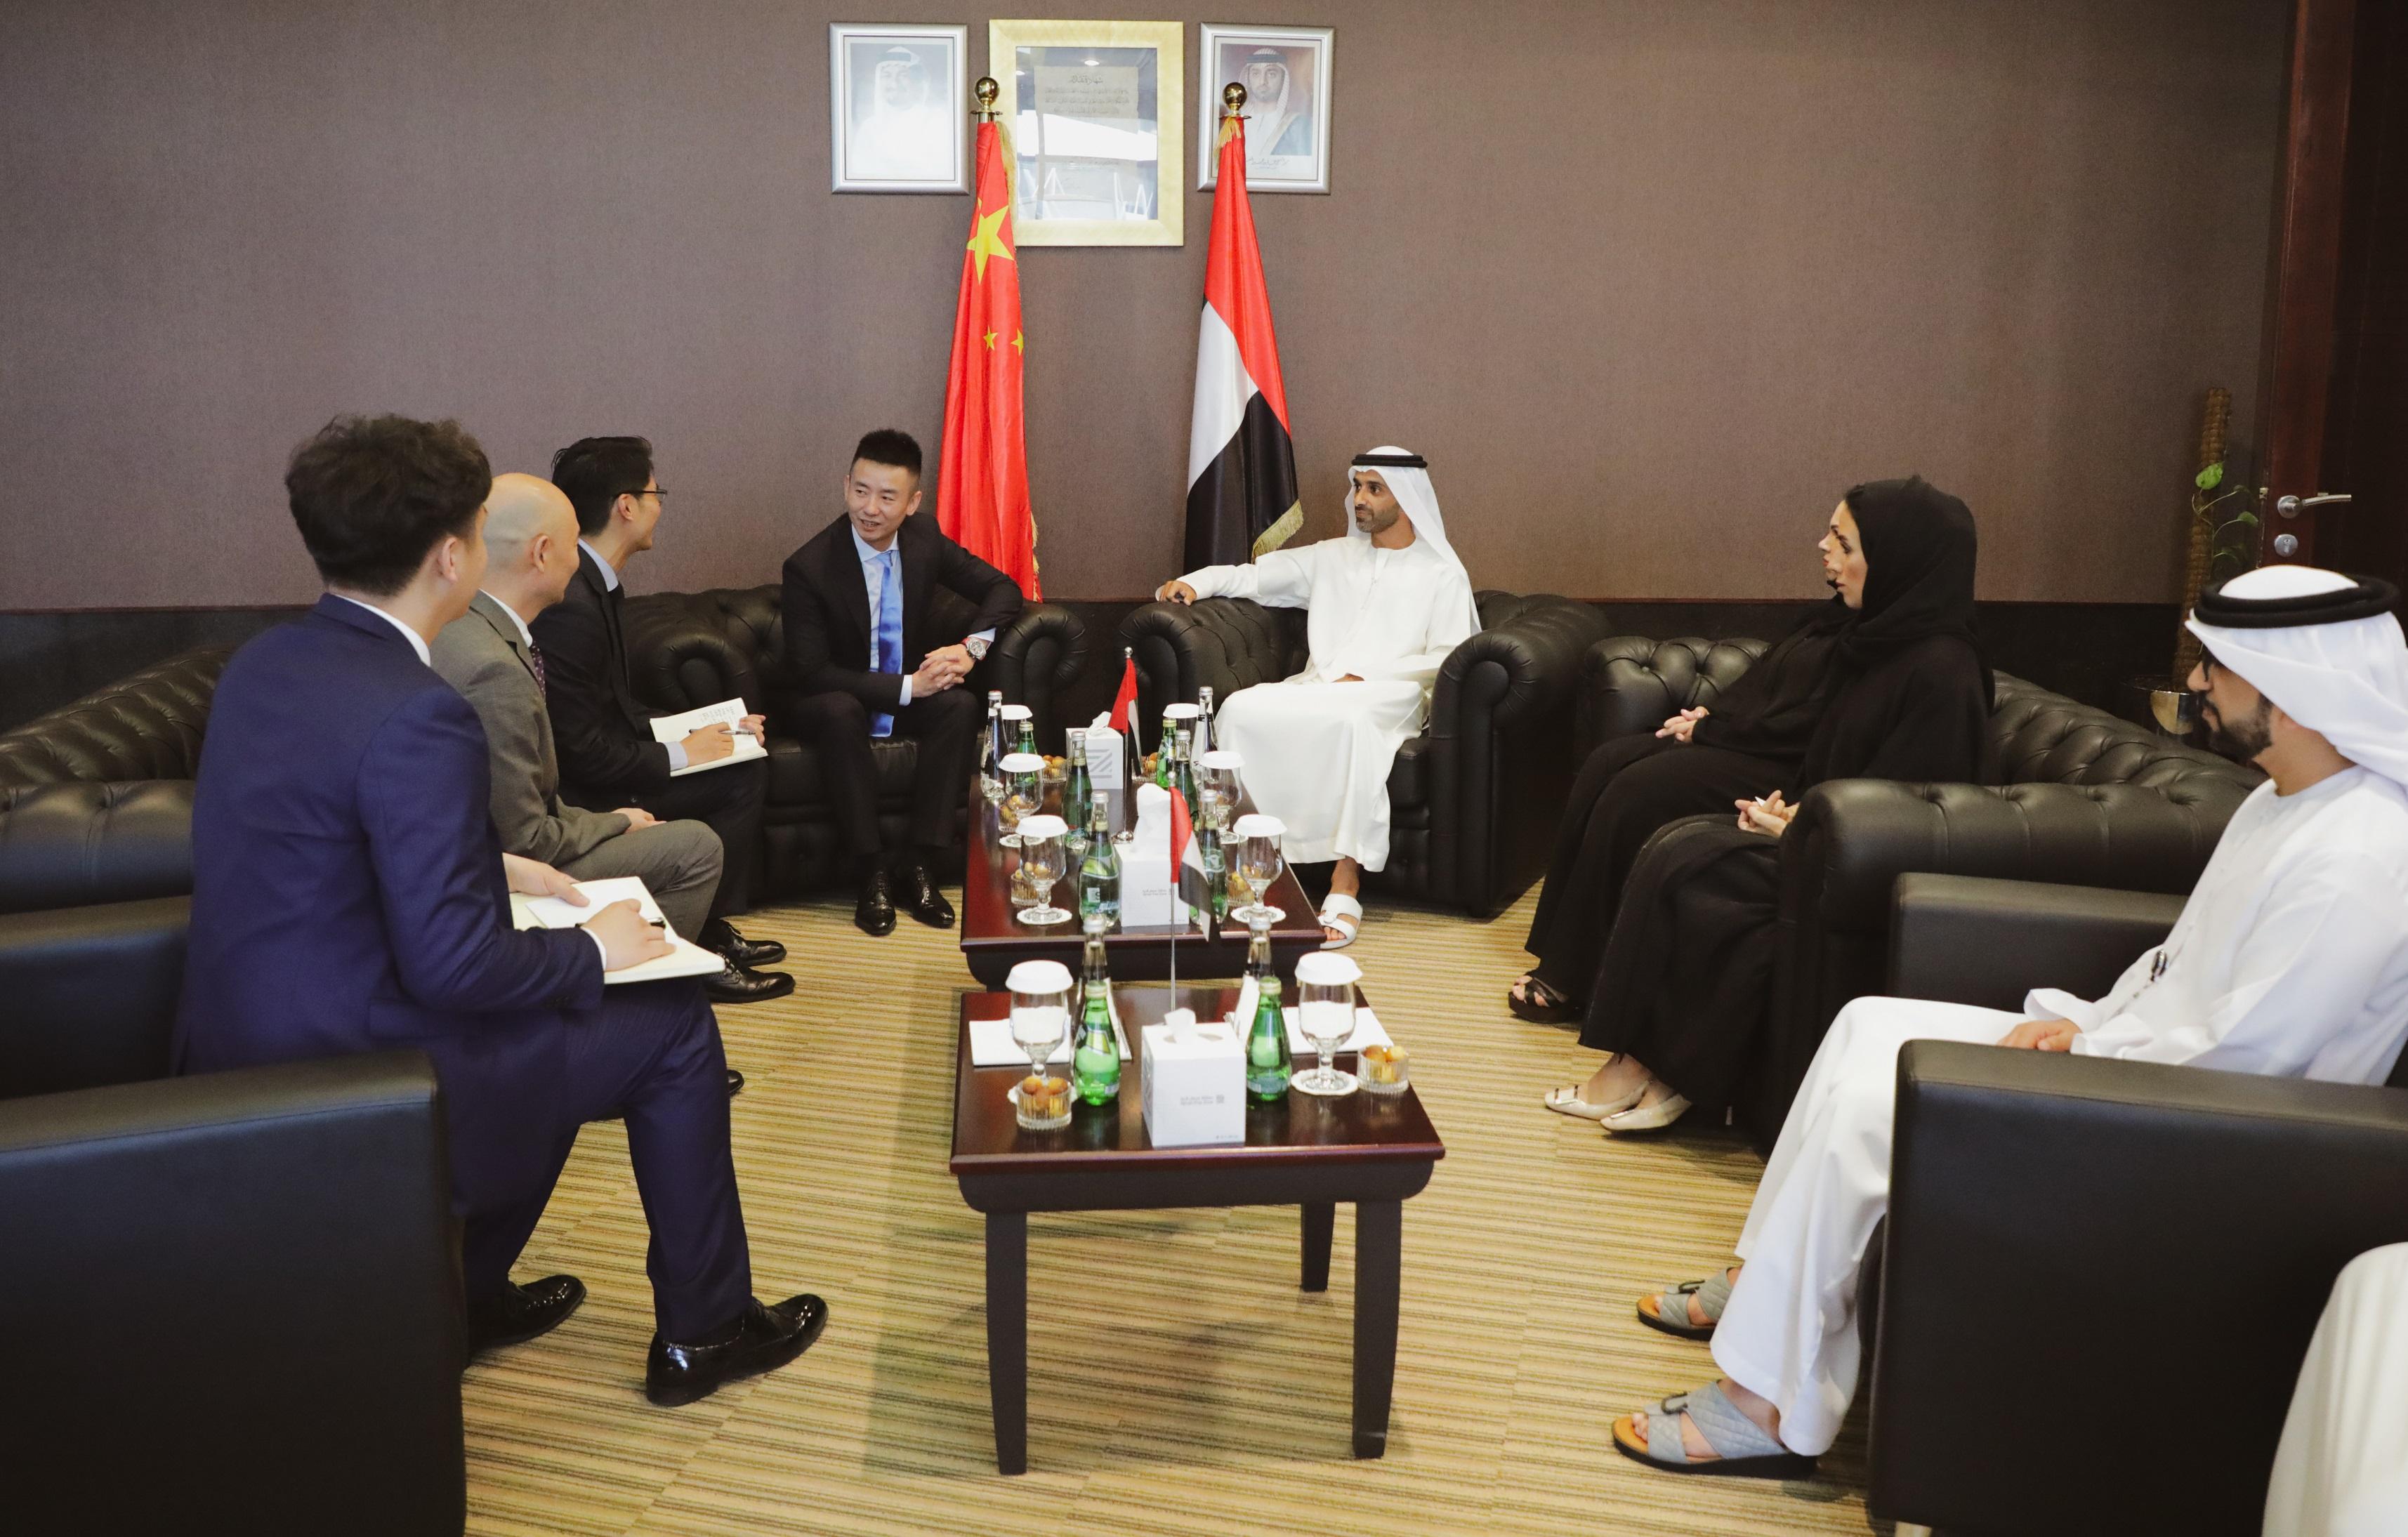 أحمد بن حميد النعيمي يبحث أوجه التعاون مع وفد تجاري صيني